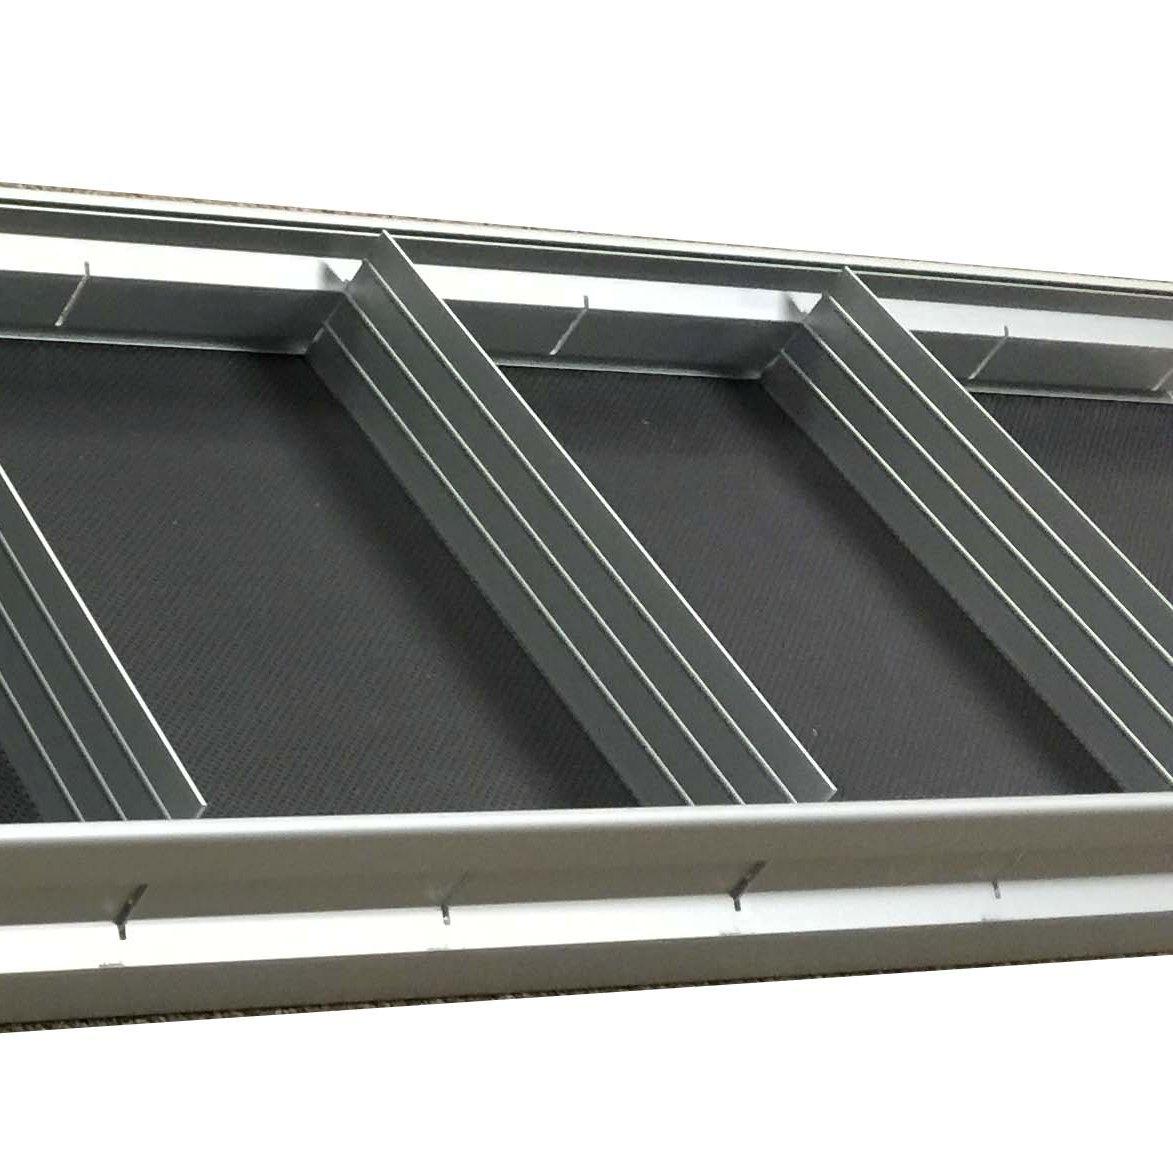 shelf dividers set of 5 for aluminum shelf only